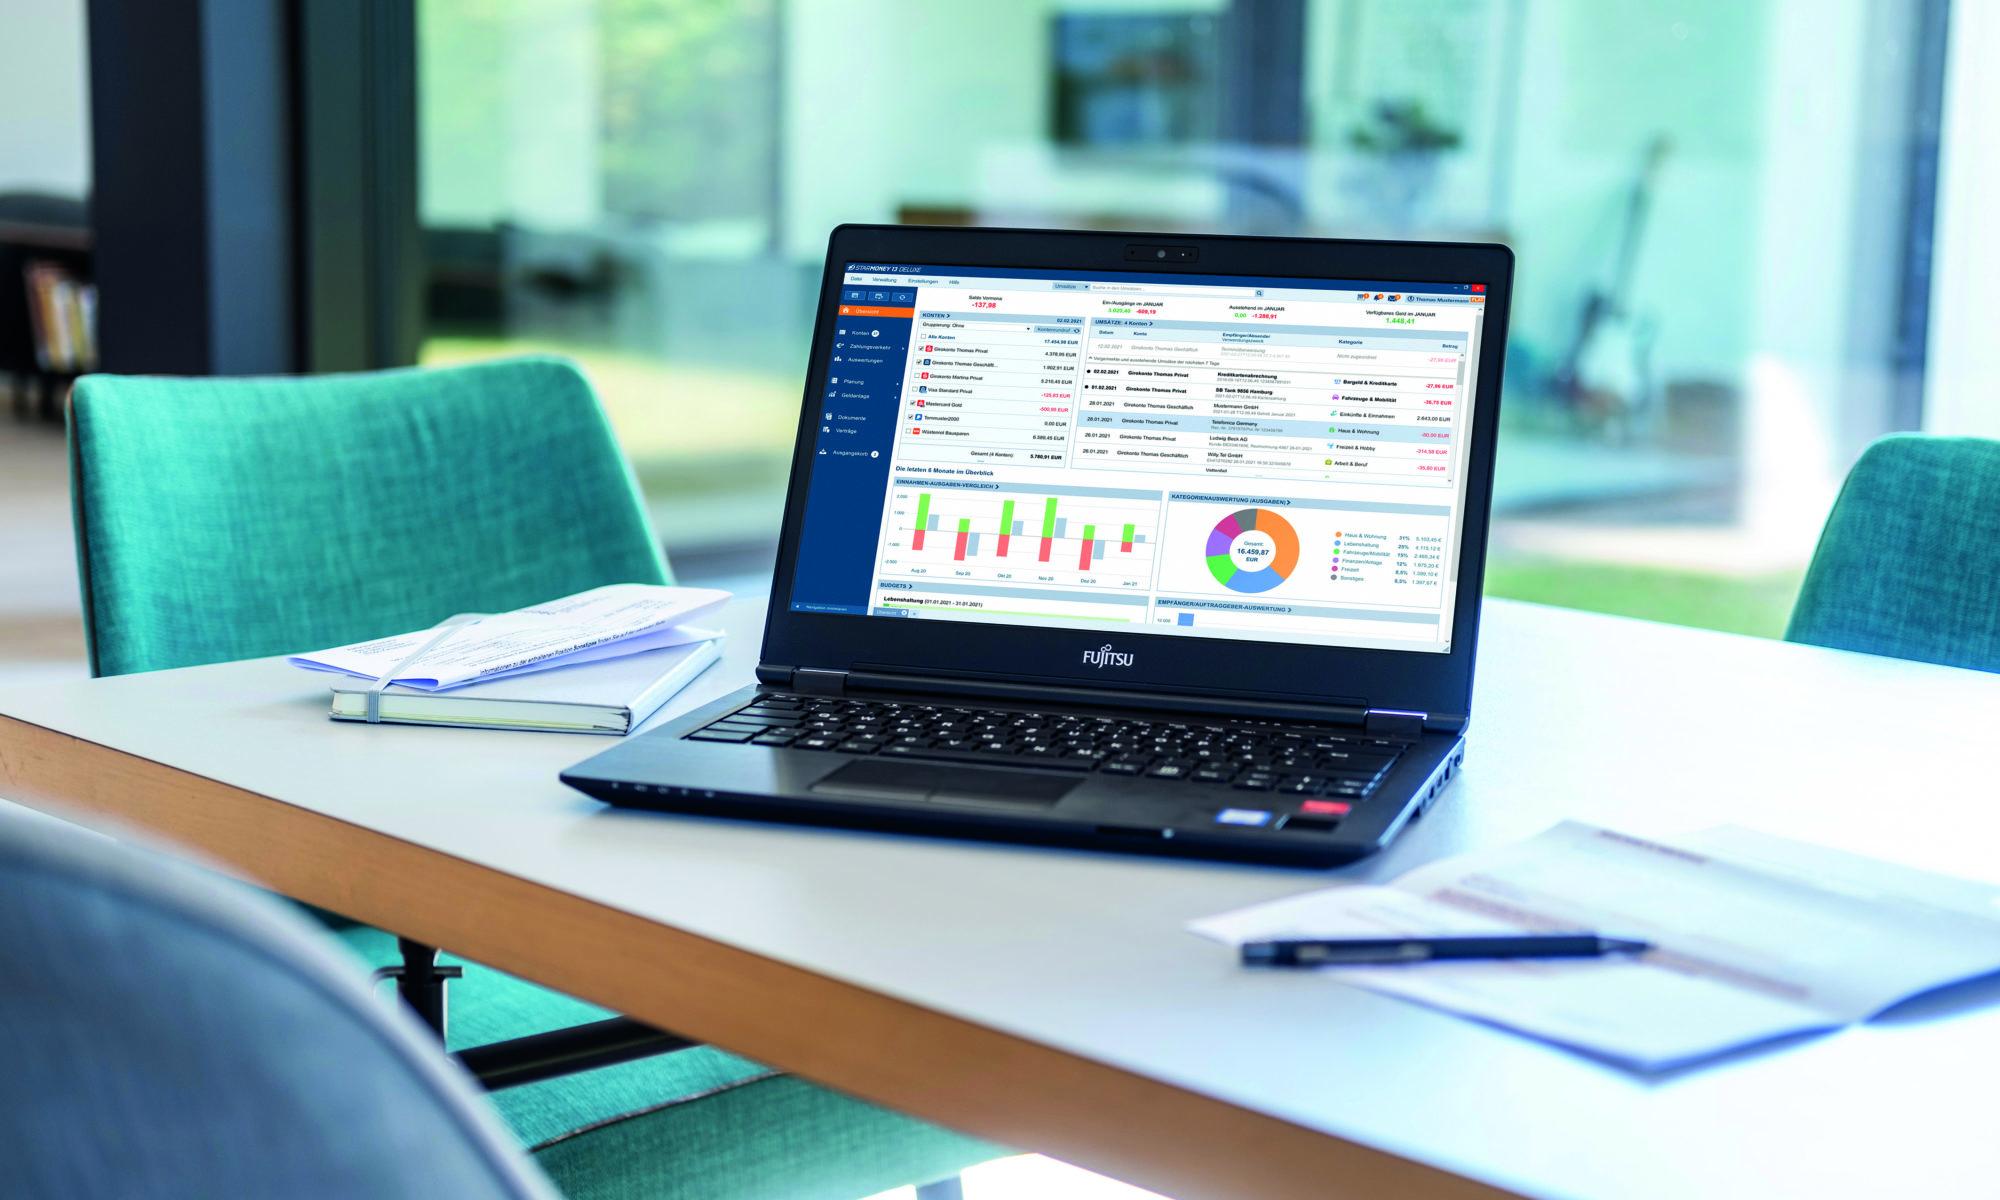 Ausgaben auswerten, Budgets planen, Rechnungen bezahlen: Einfach und schnell mit der Finanzsoftware StarMoney Deluxe.